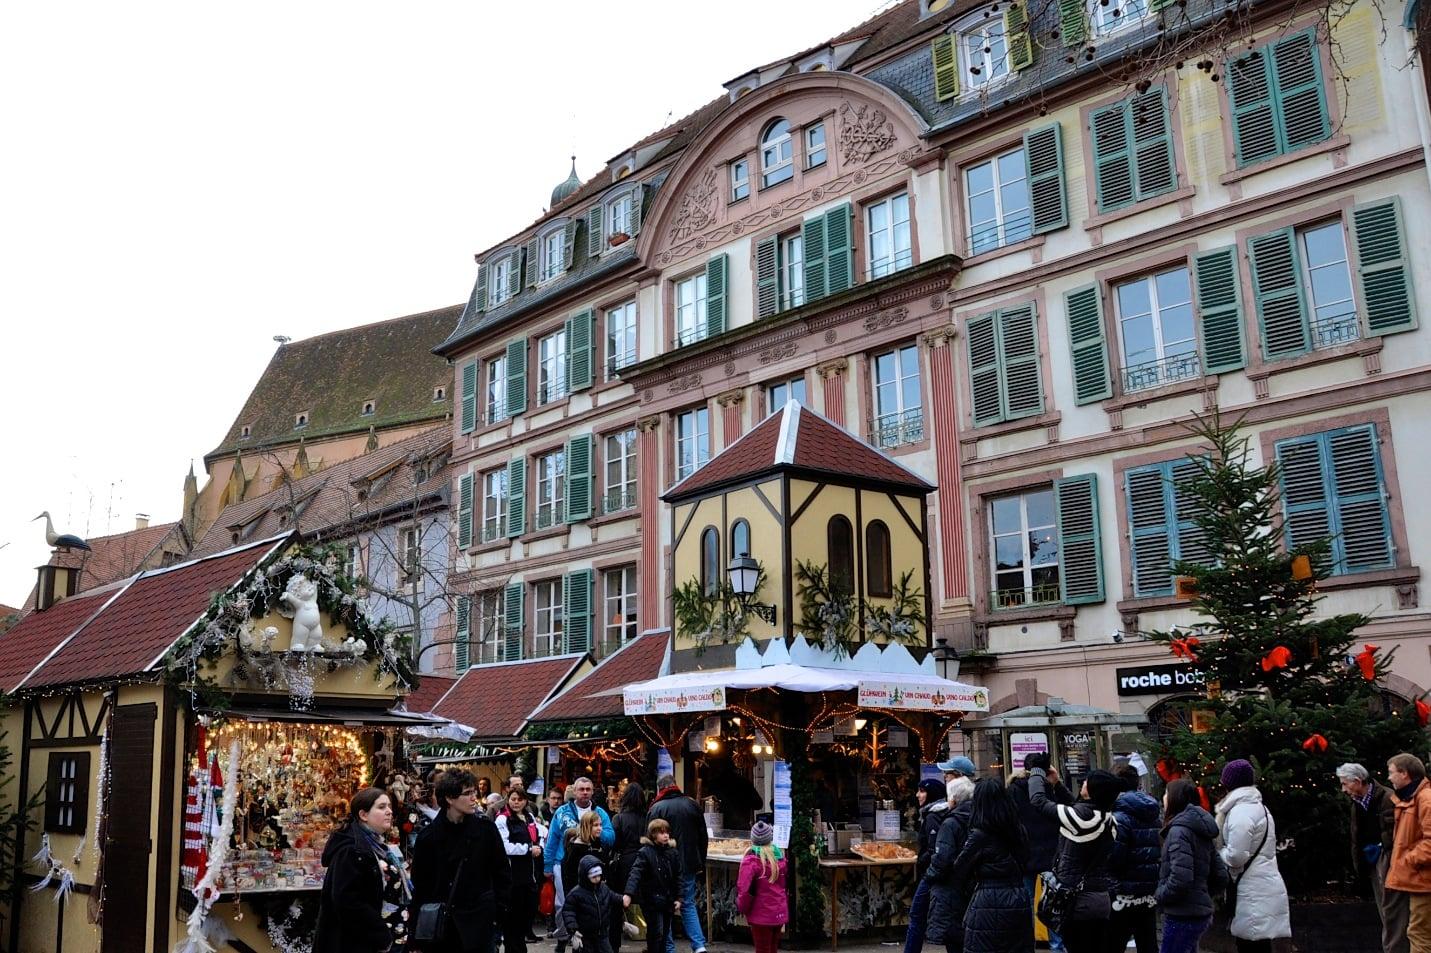 Marché de Noël à Colmar en Alsace